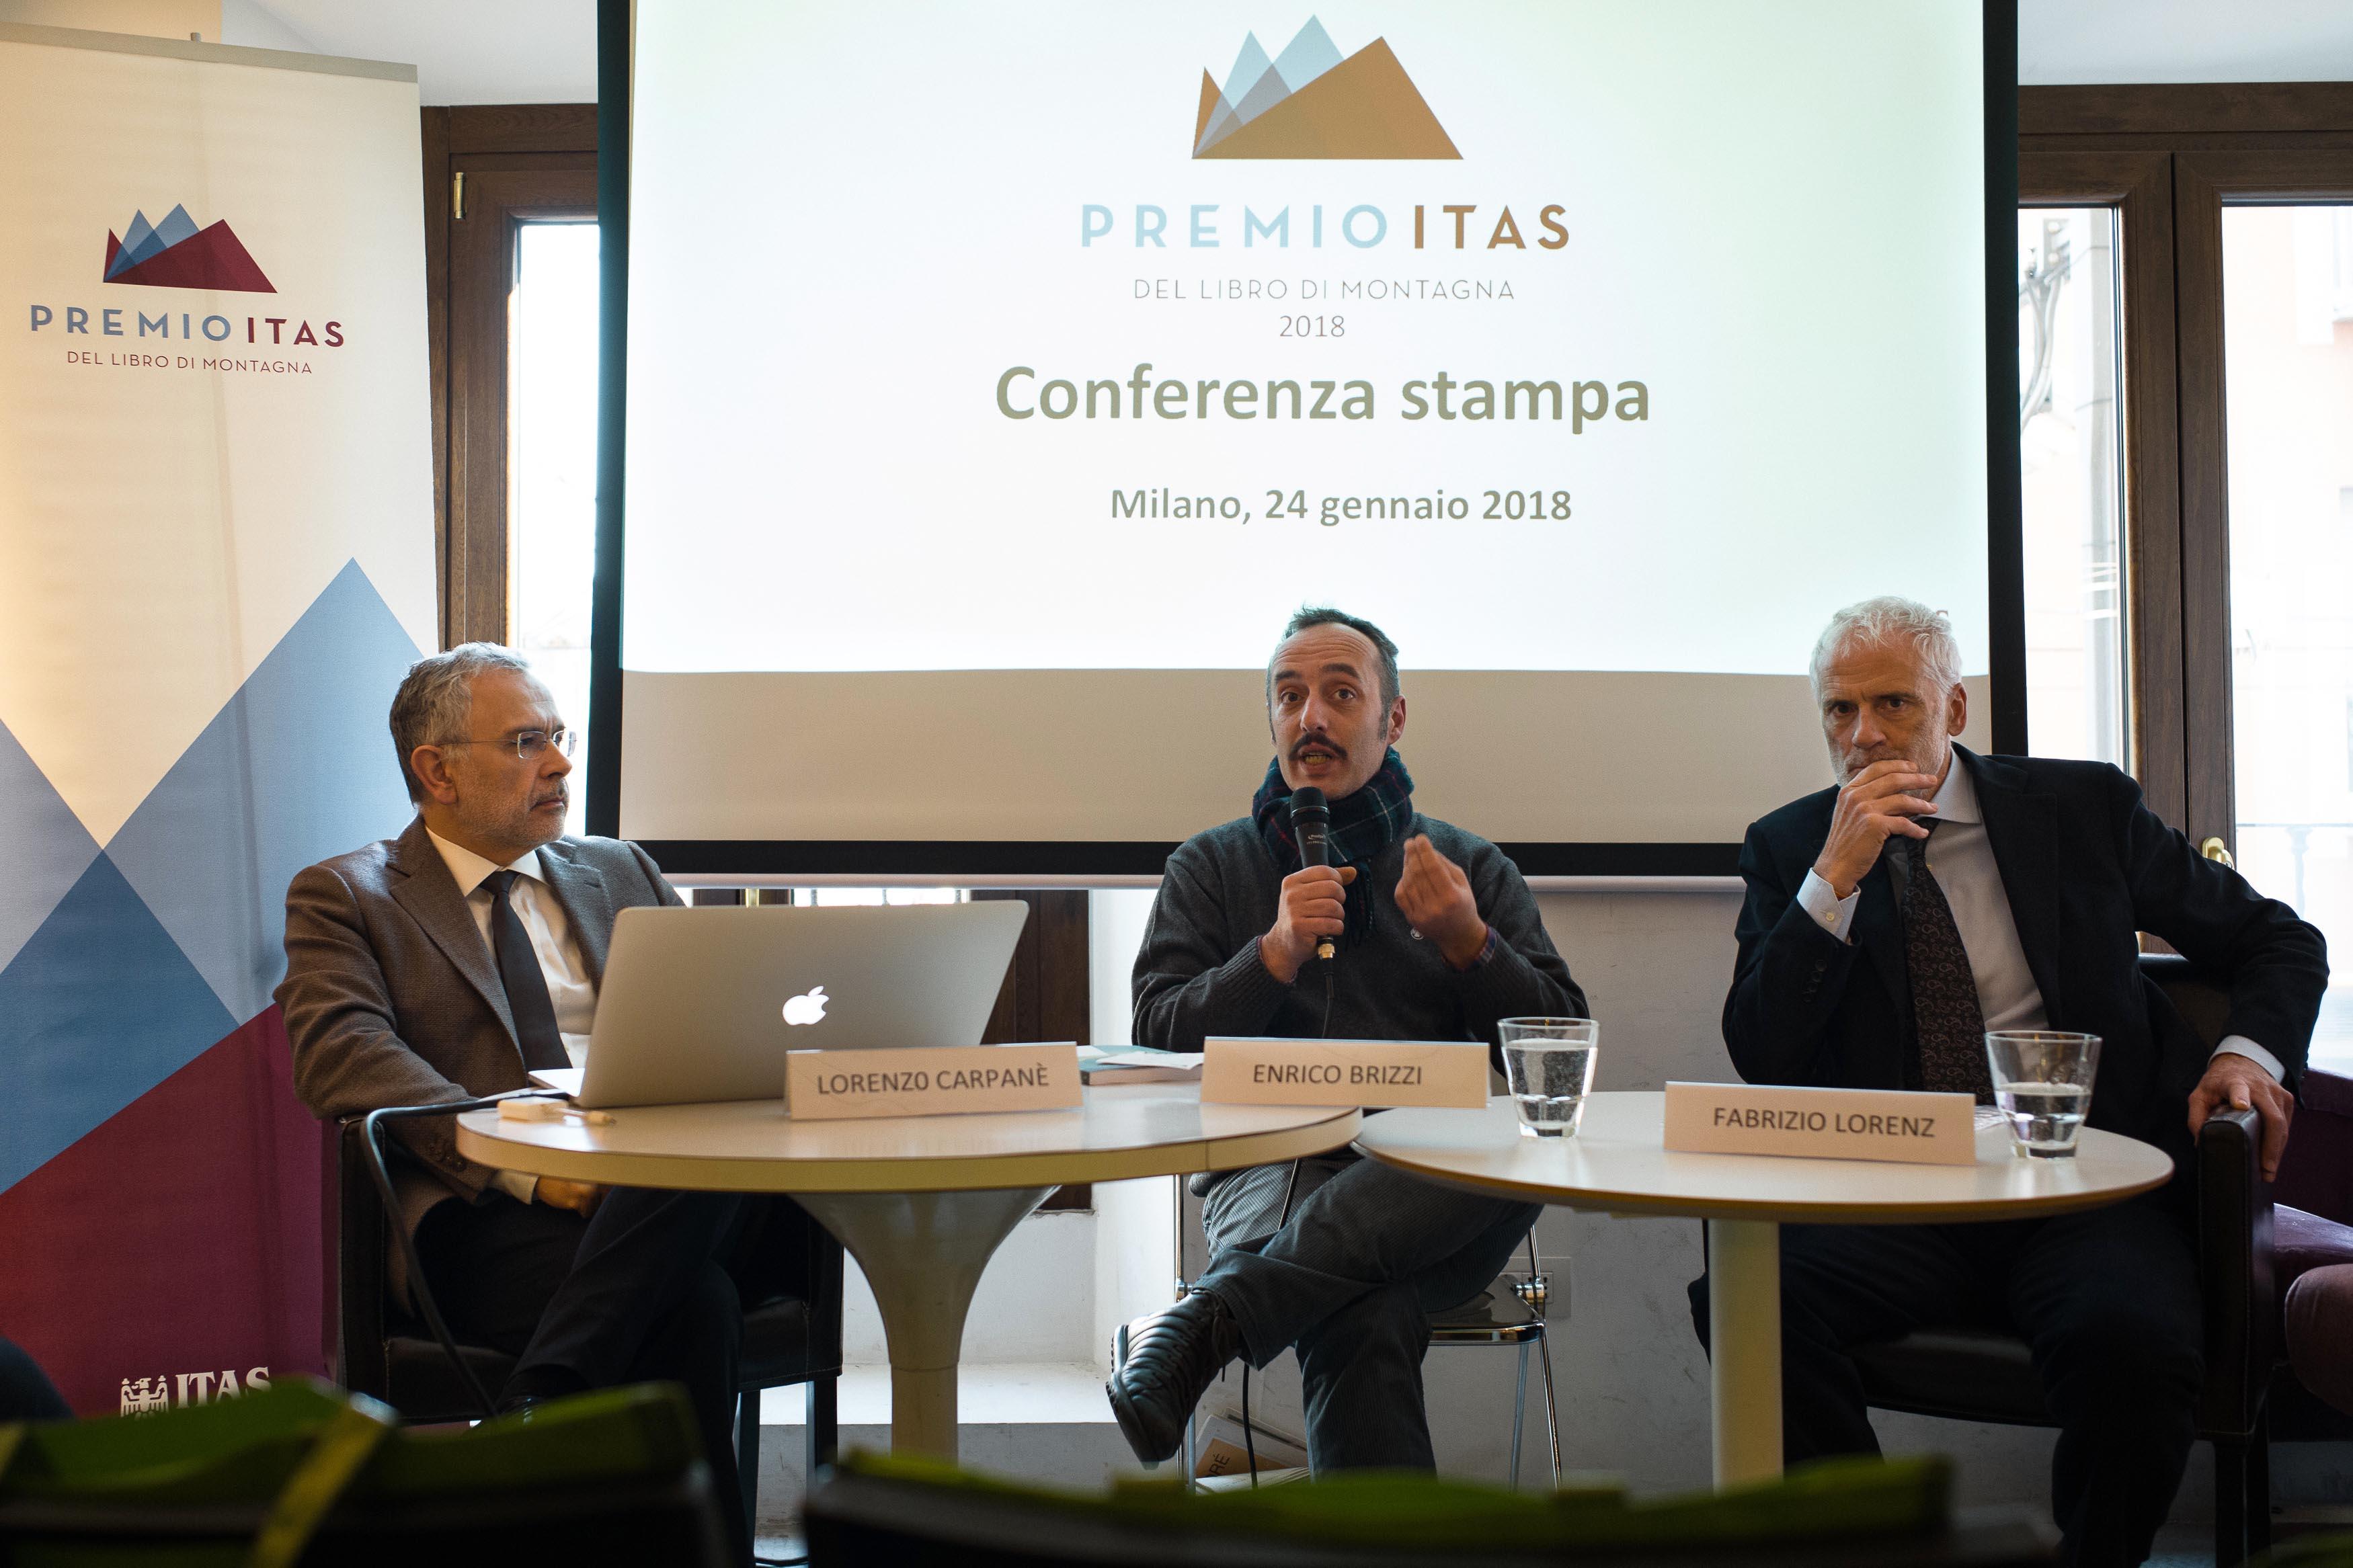 Premio ITAS del Libro di montagna